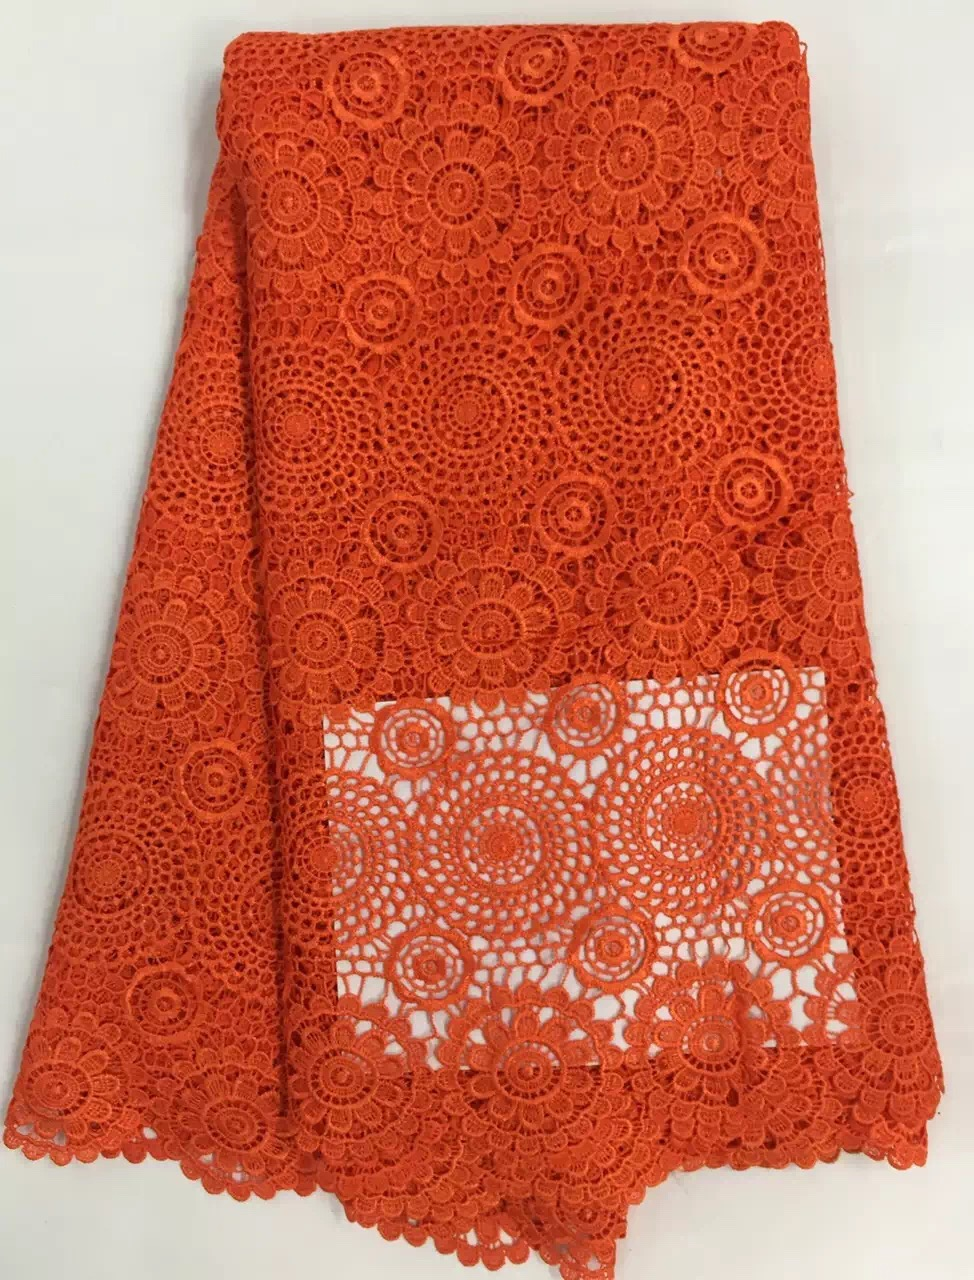 CW2023 Cordón de cordón de guipur nigeriano de poliéster africano - Artes, artesanía y costura - foto 2